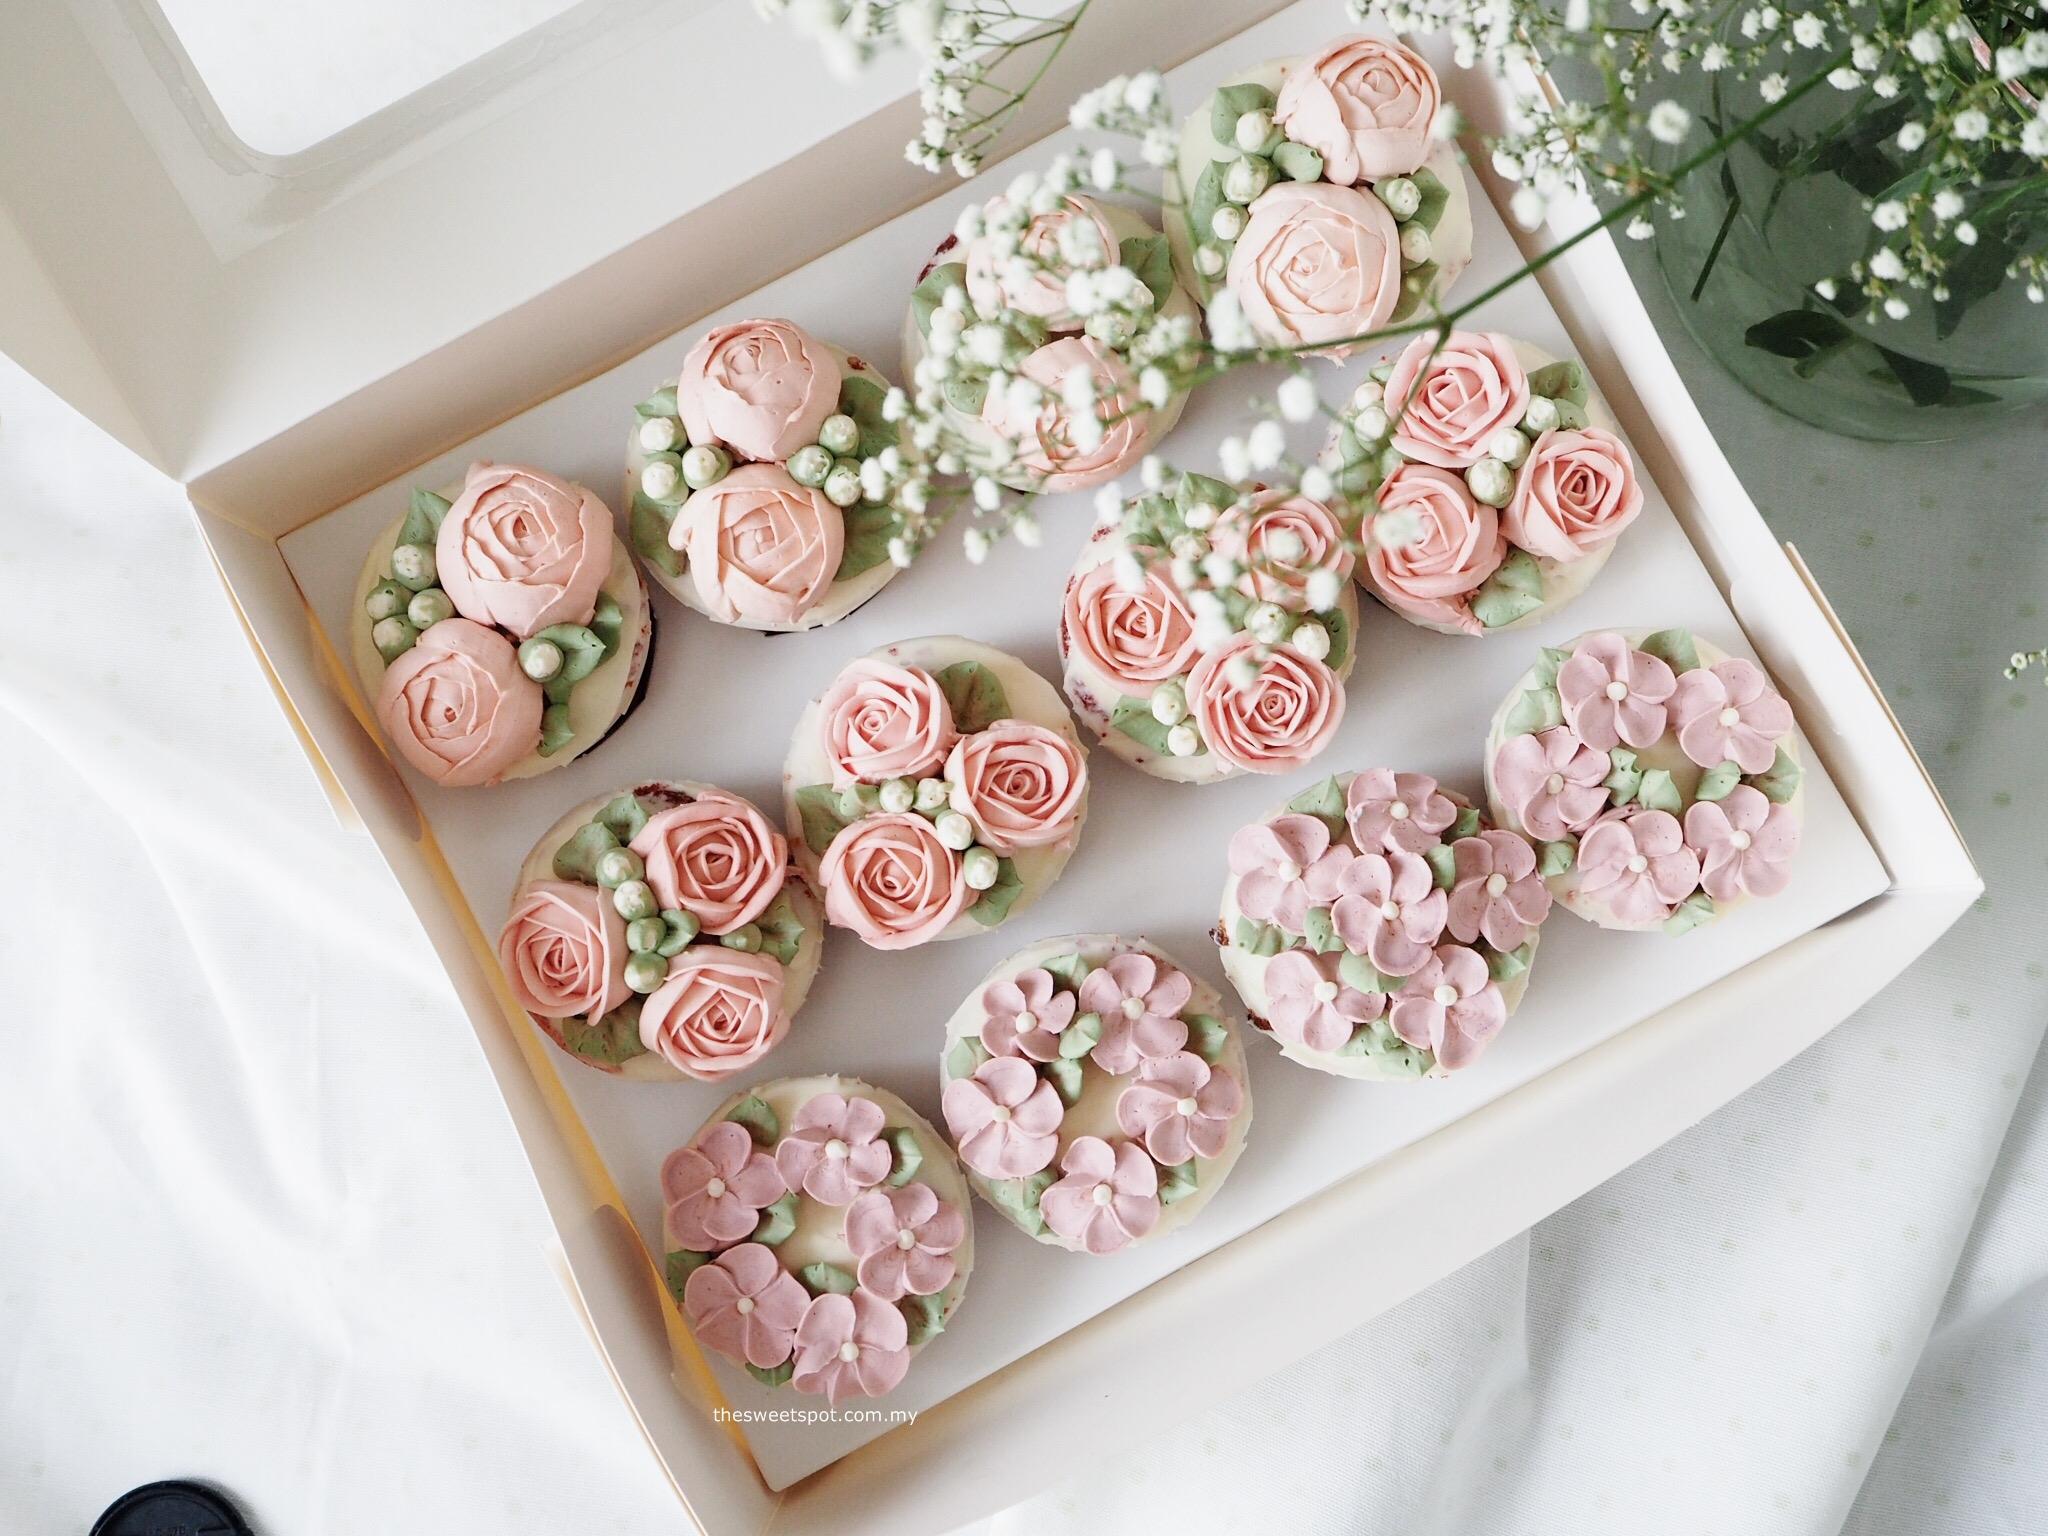 Cupcake box 1 - pink